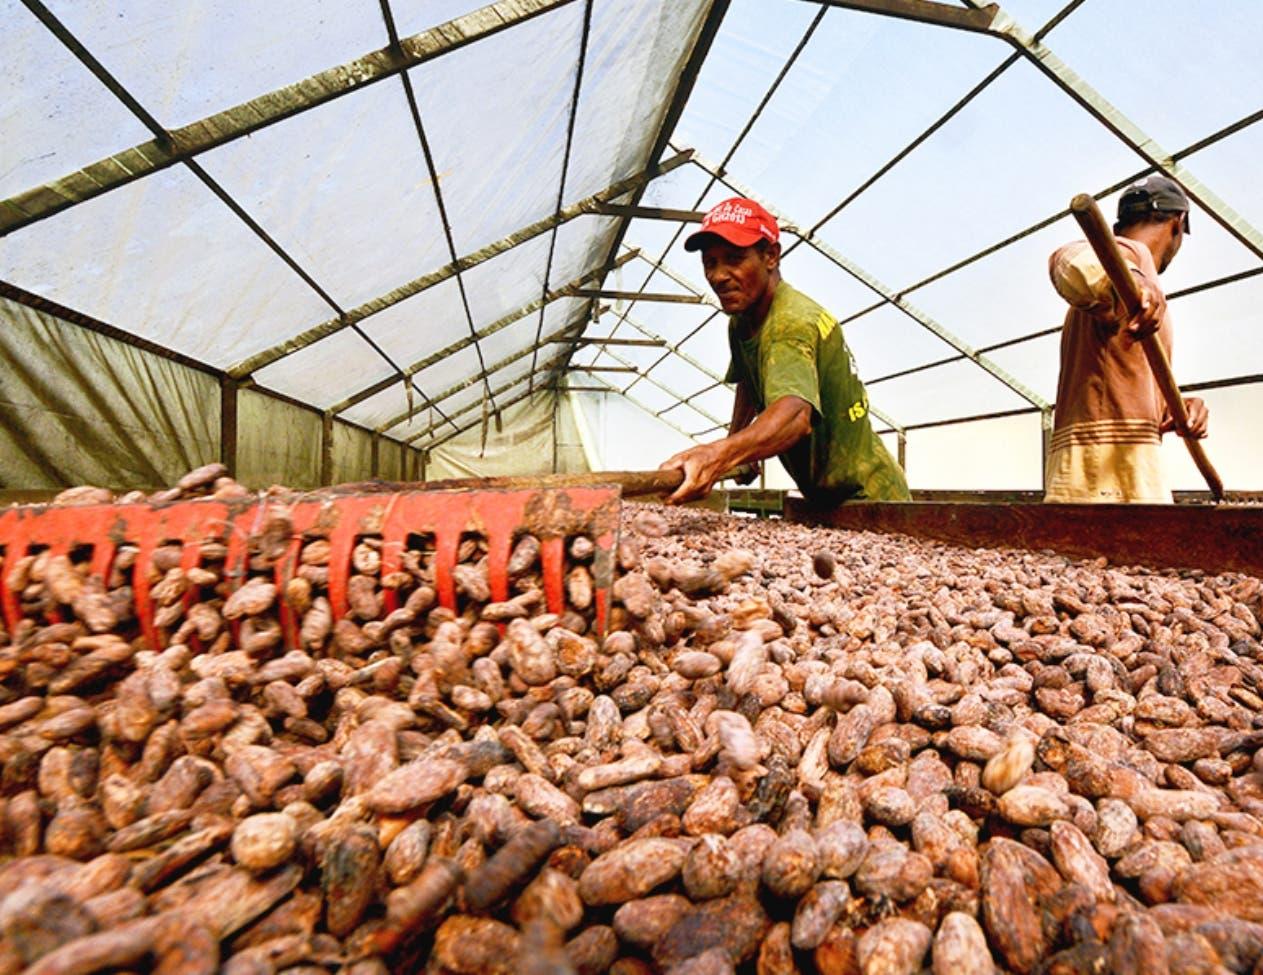 El cacao se ha convertido en uno de los productos con mayor crecimiento de exportación.